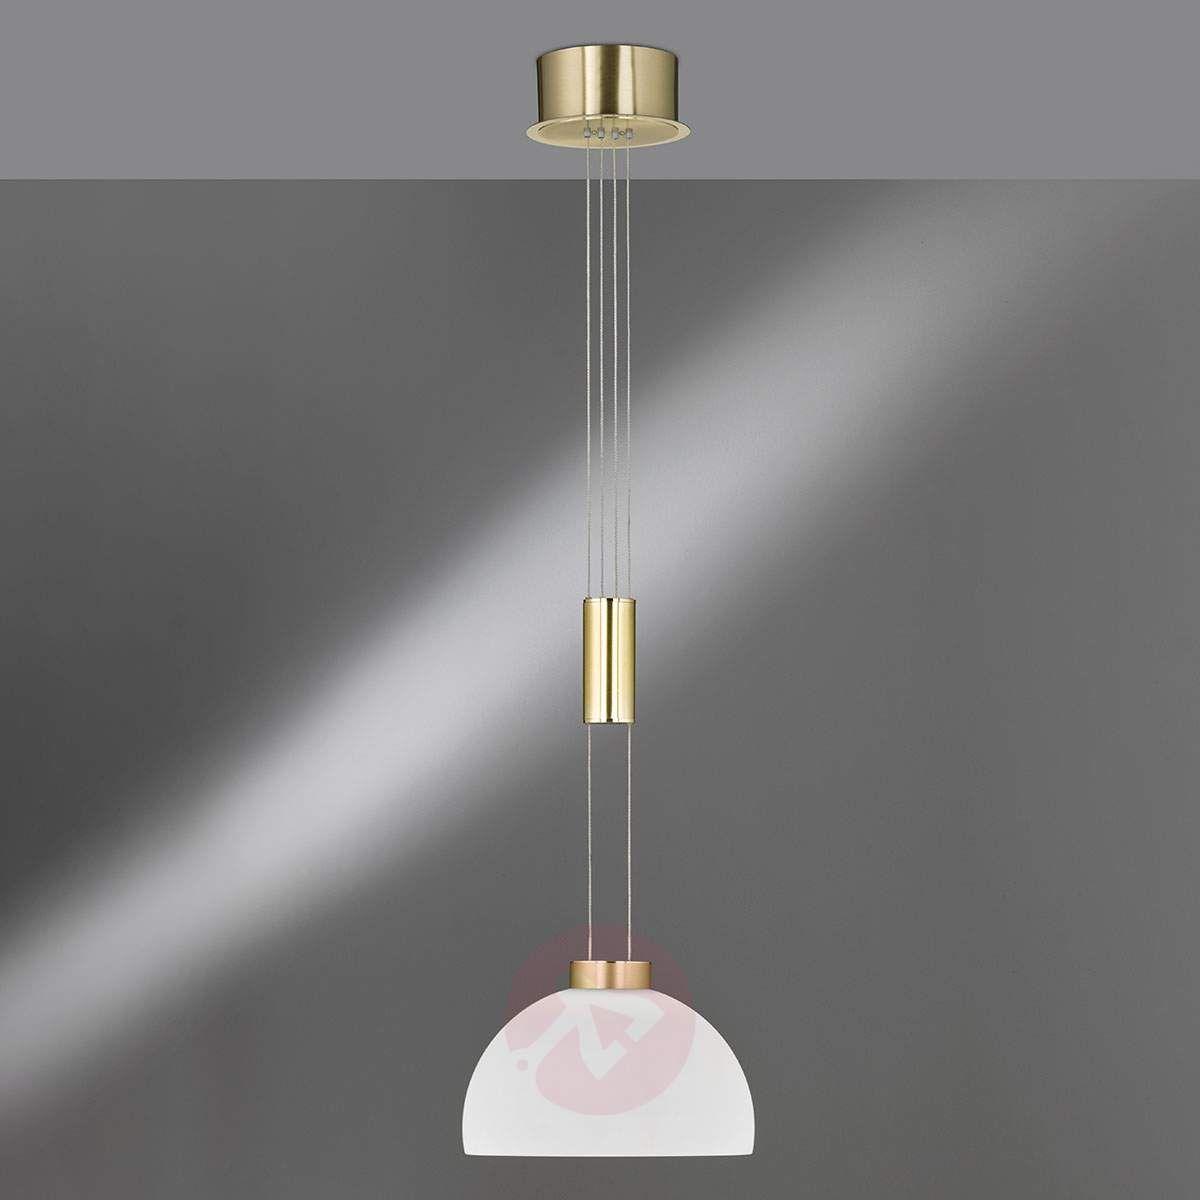 Szklany Klosz Lampa Wisząca Shine Led 1 Punktowa Lampy